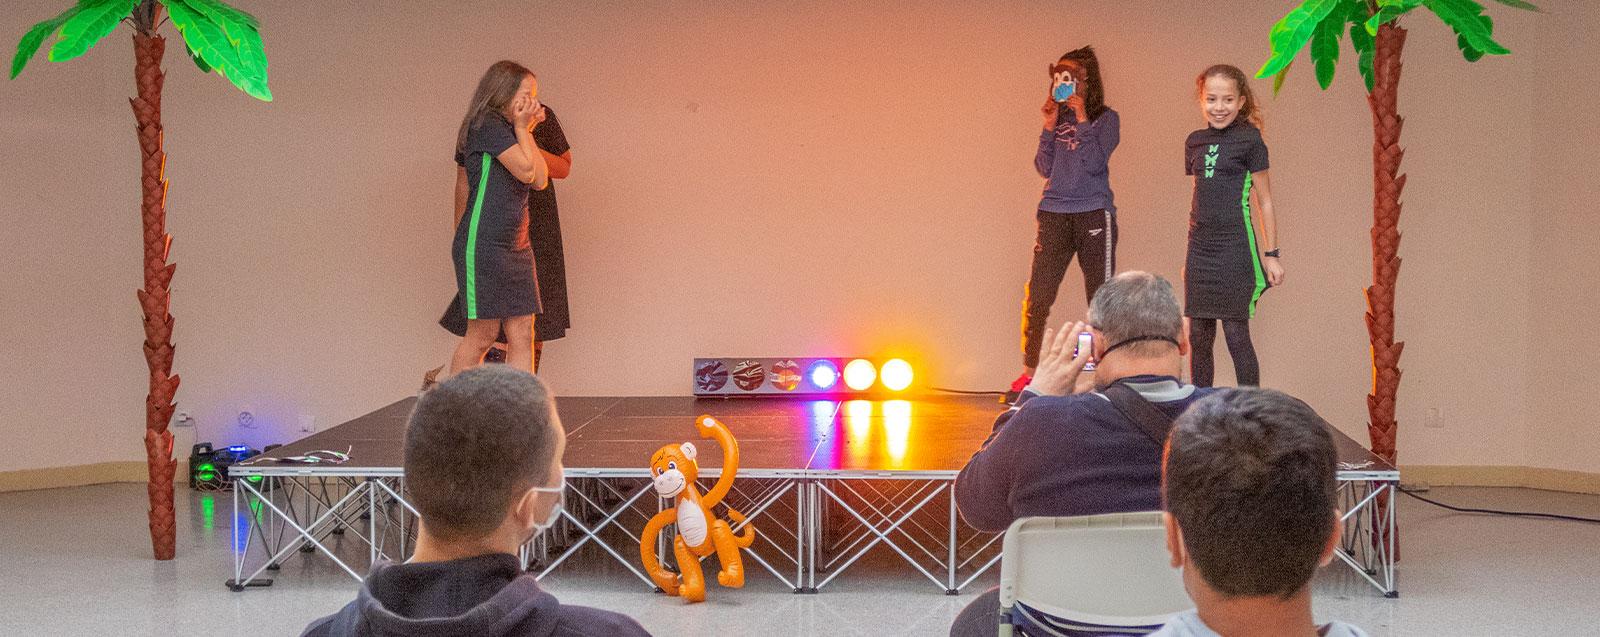 Spectacle de danse du secteur jeunes de la maison pour tous des Roches